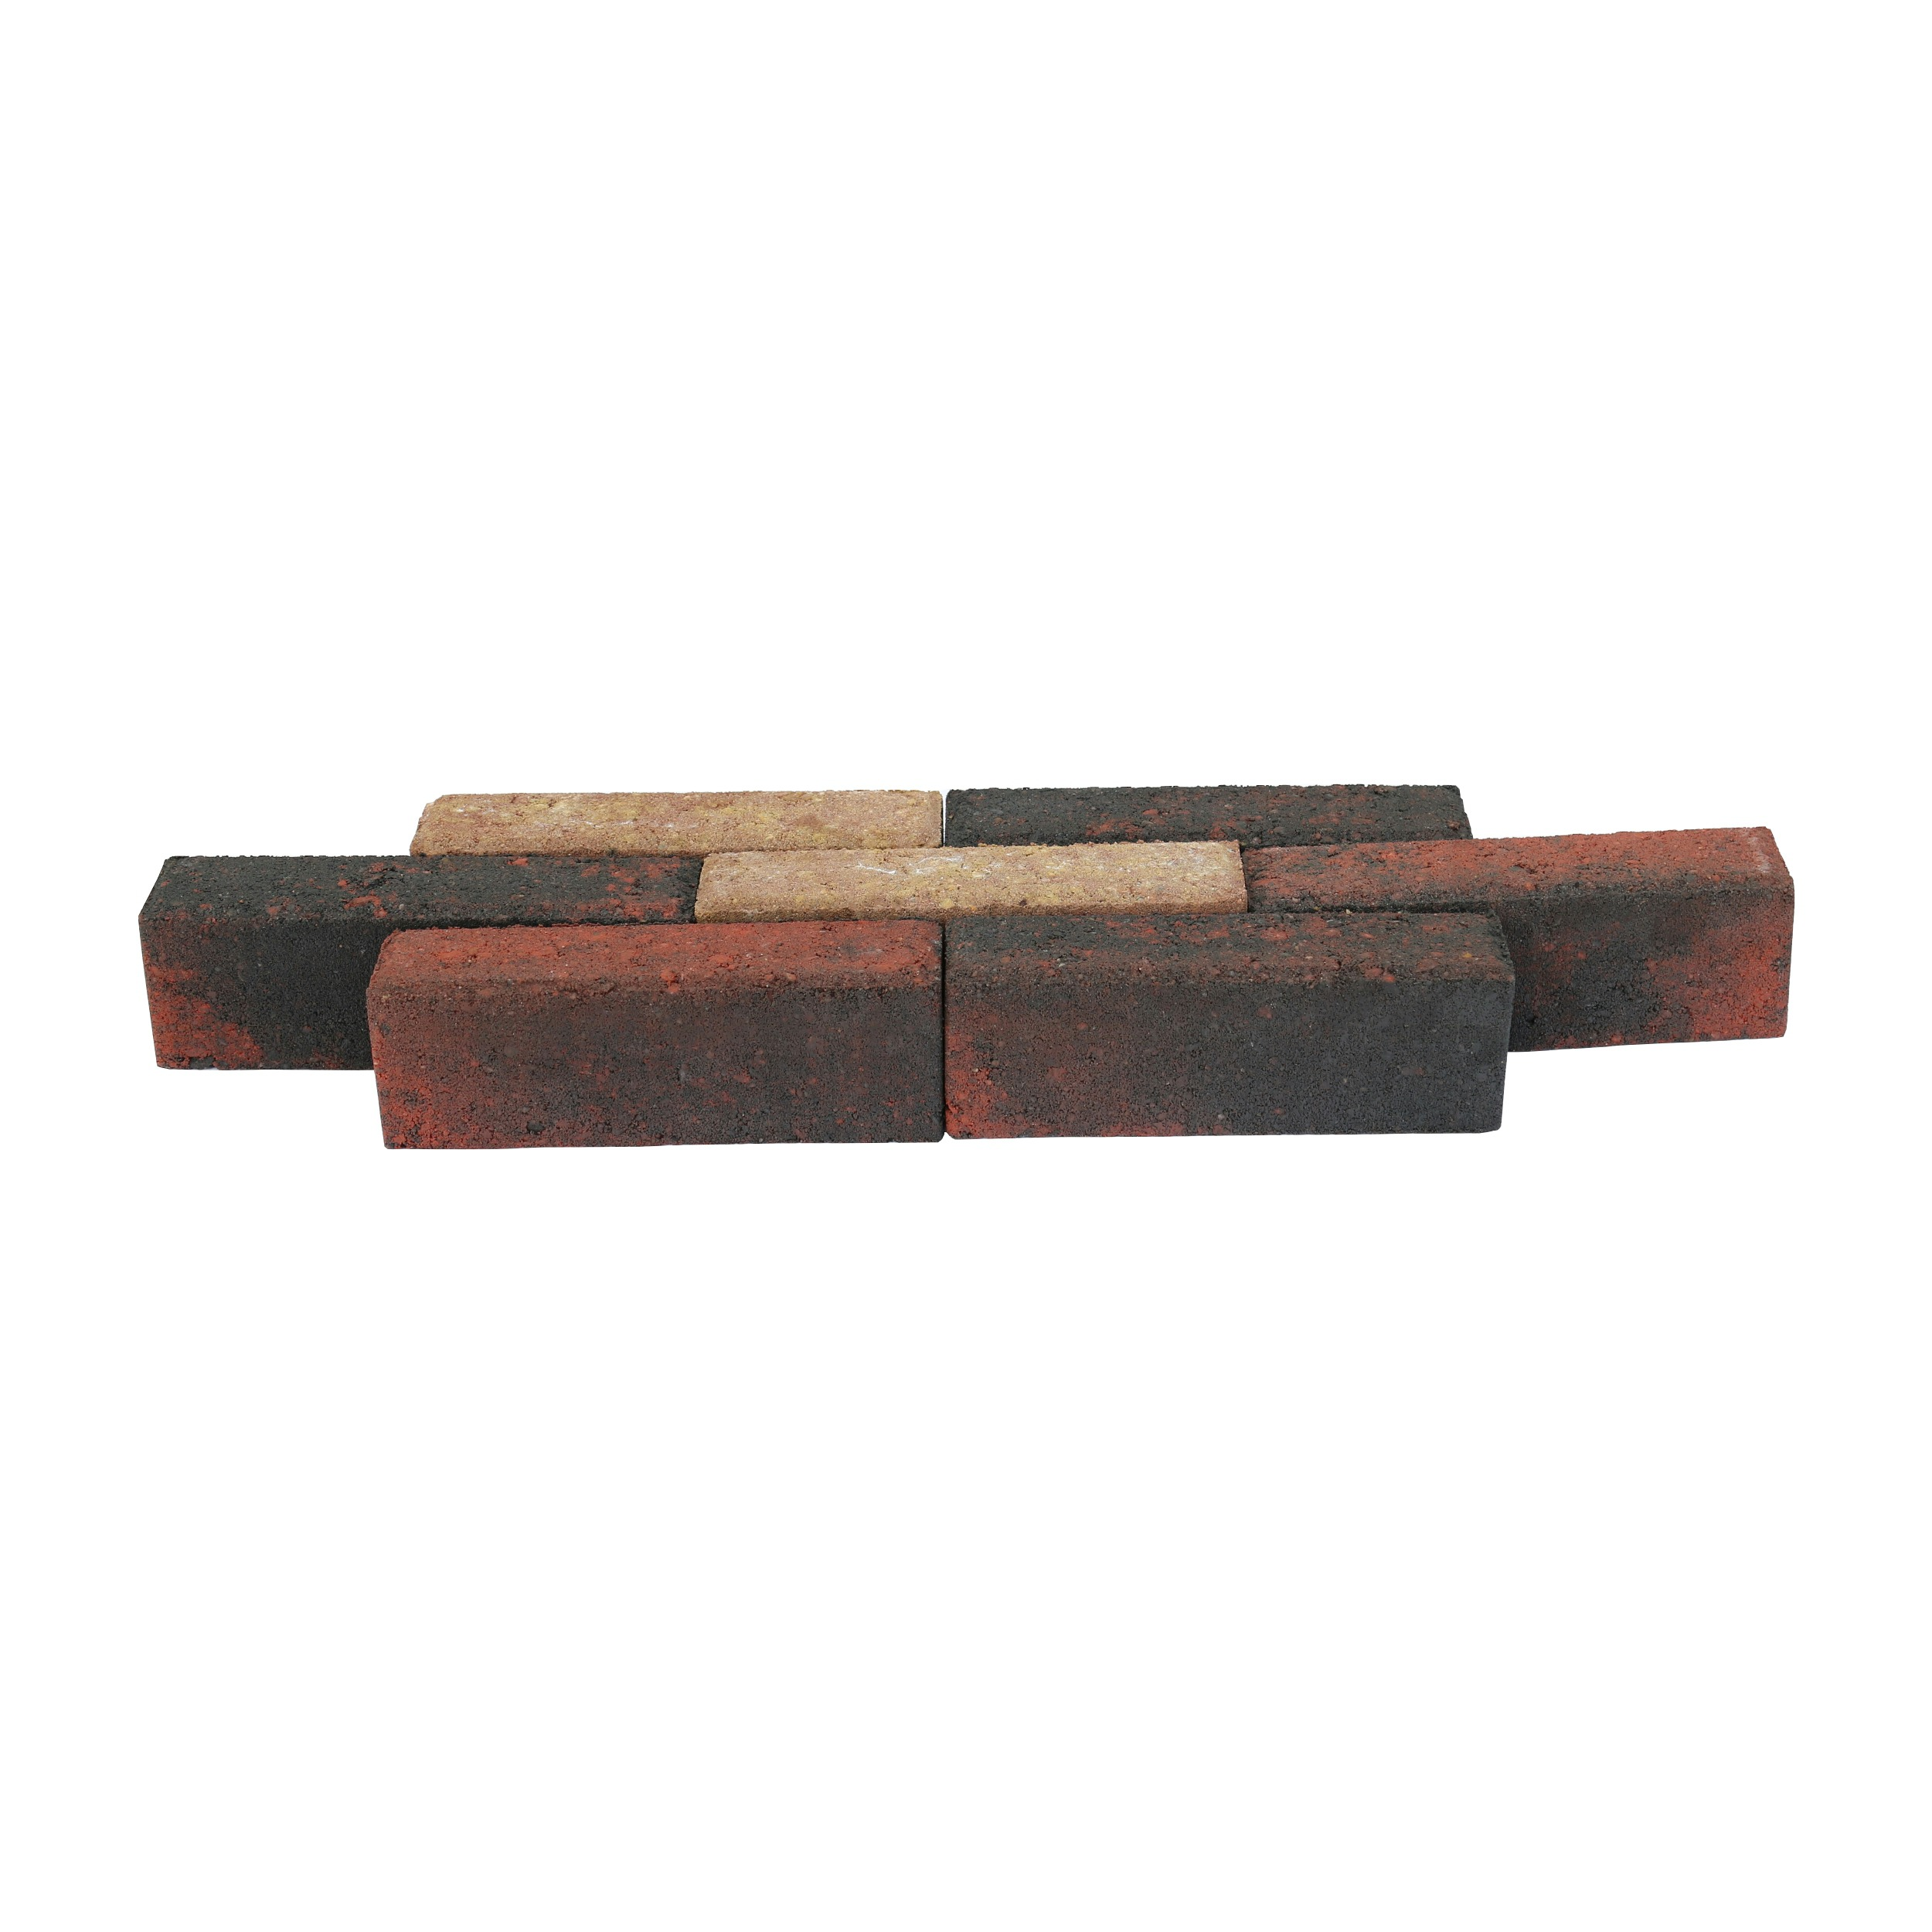 Klinker Beton Bont Waalformaat 20x5x7 cm - 66 Klinkers - 0,66 m2